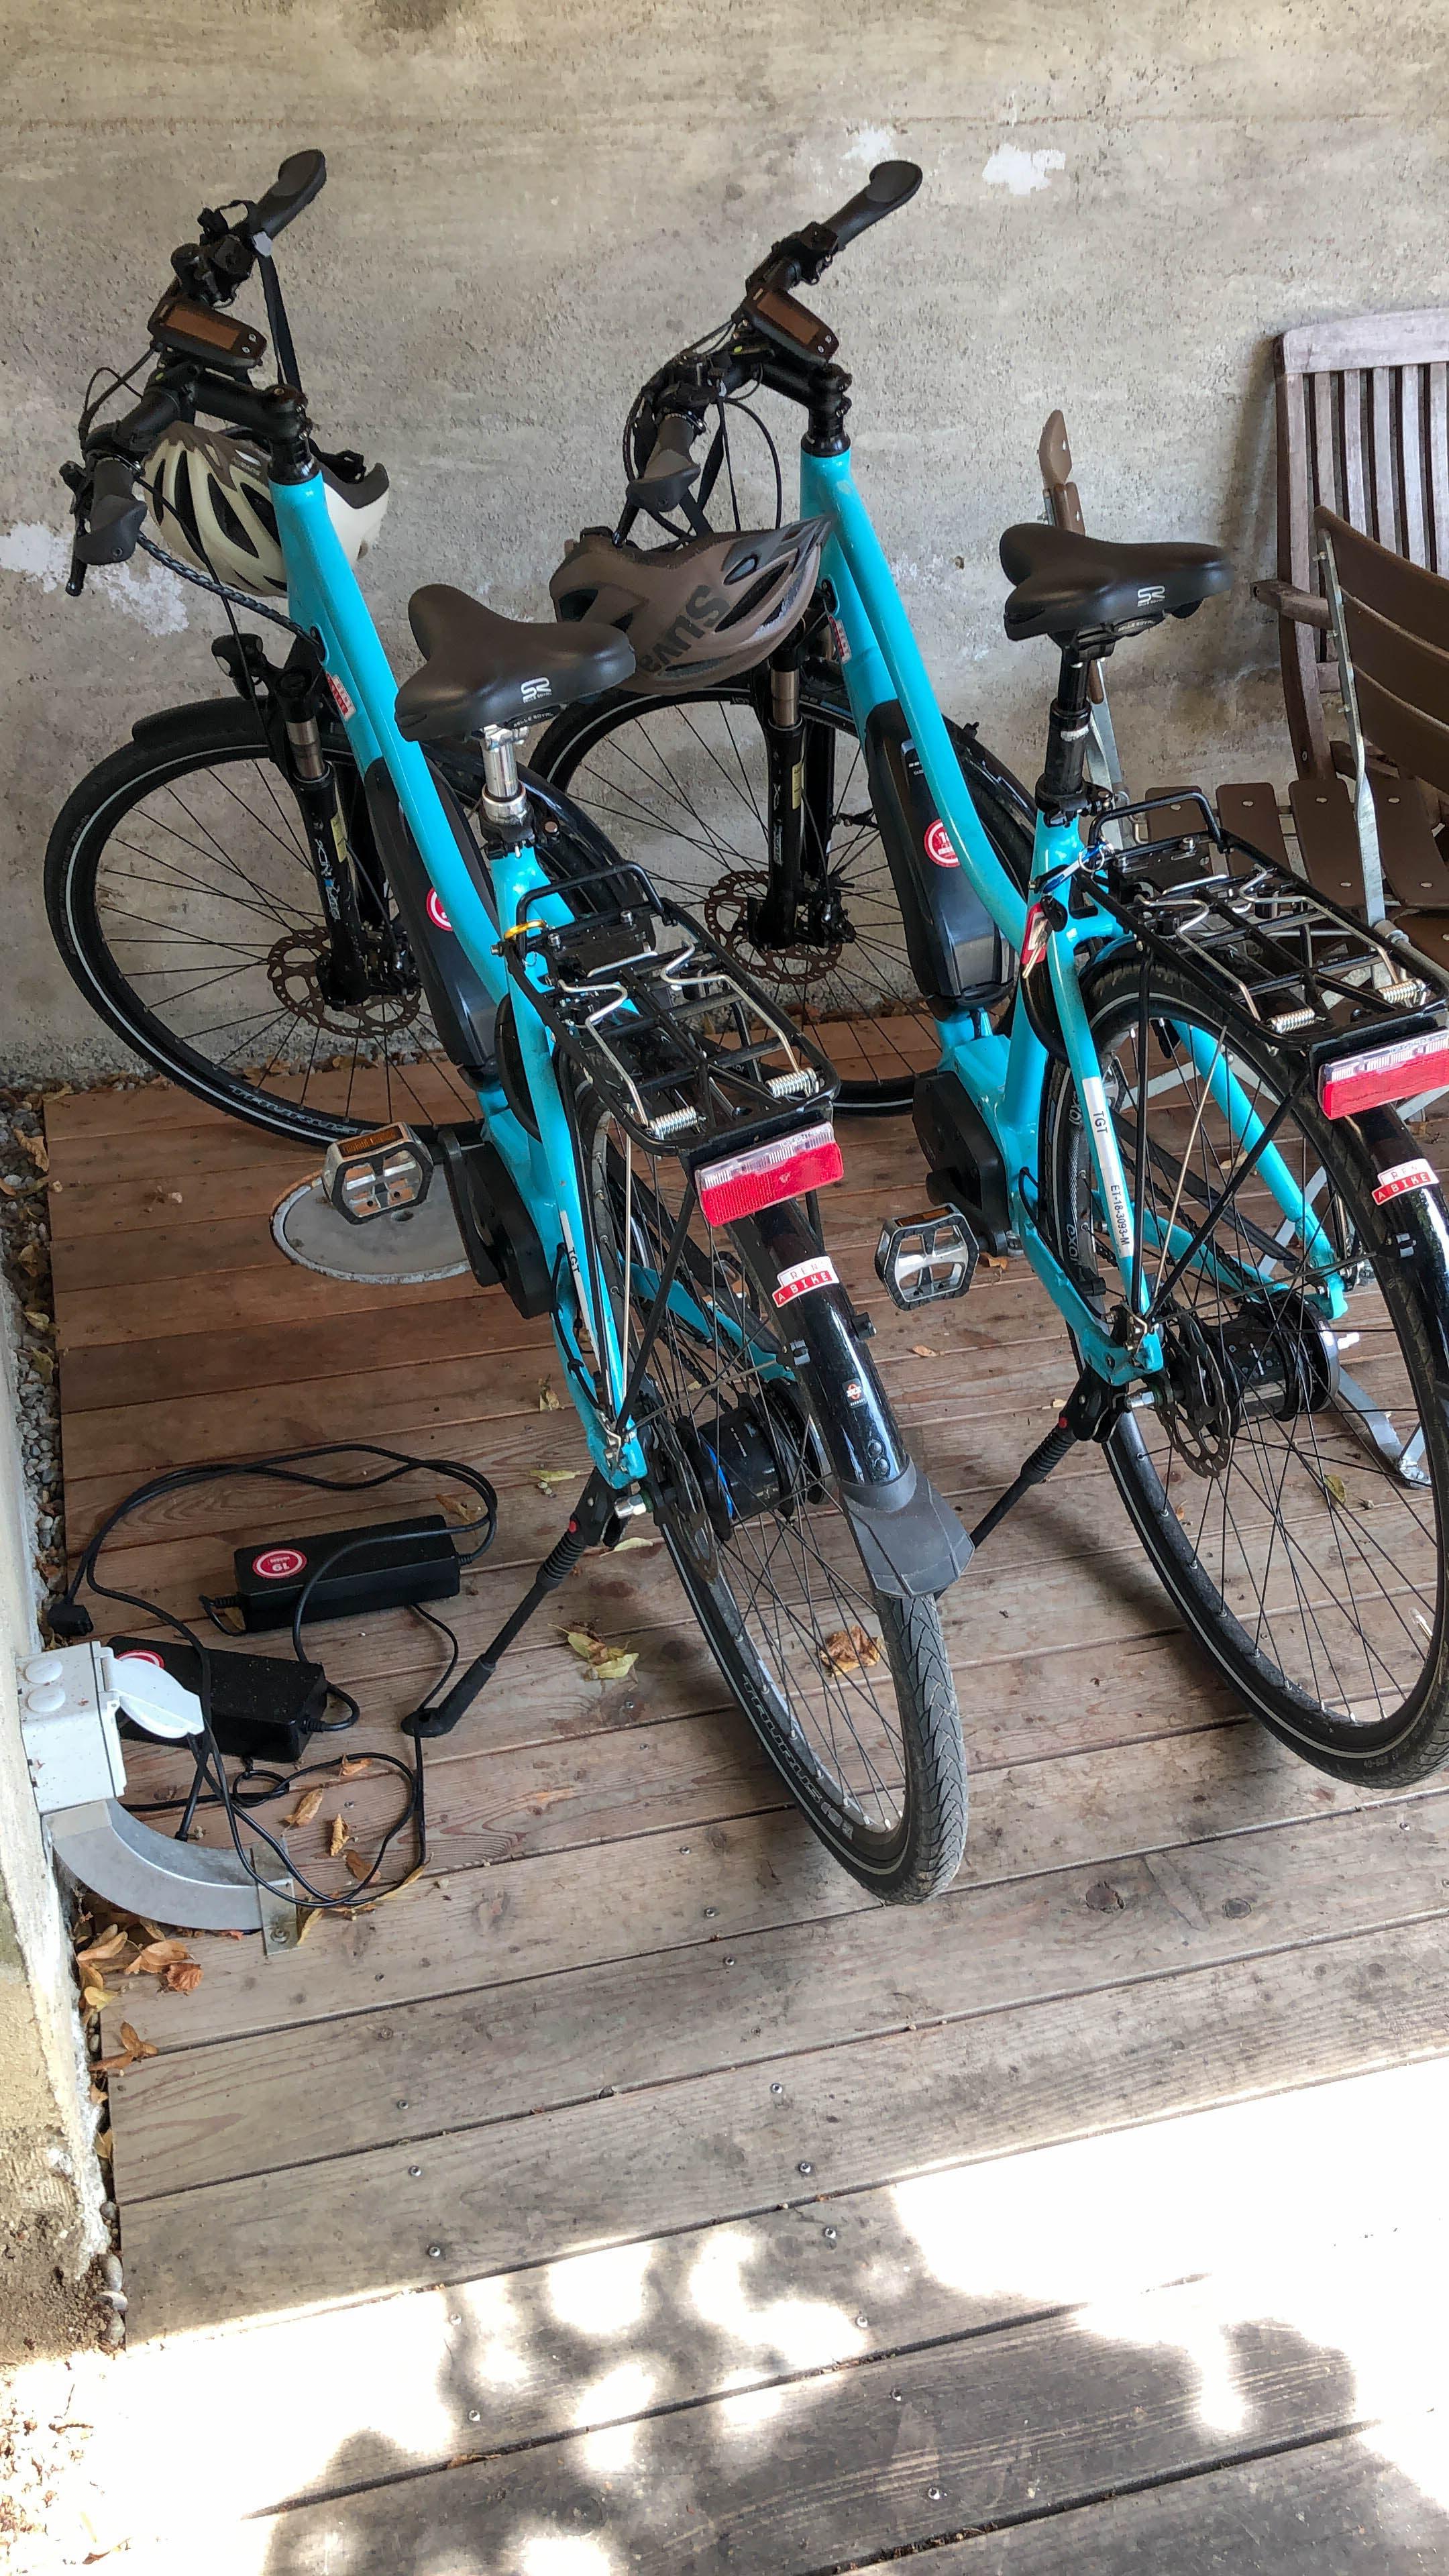 Den Übernachtungsgästen stehen zwei E-Bikes zur Verfügung.